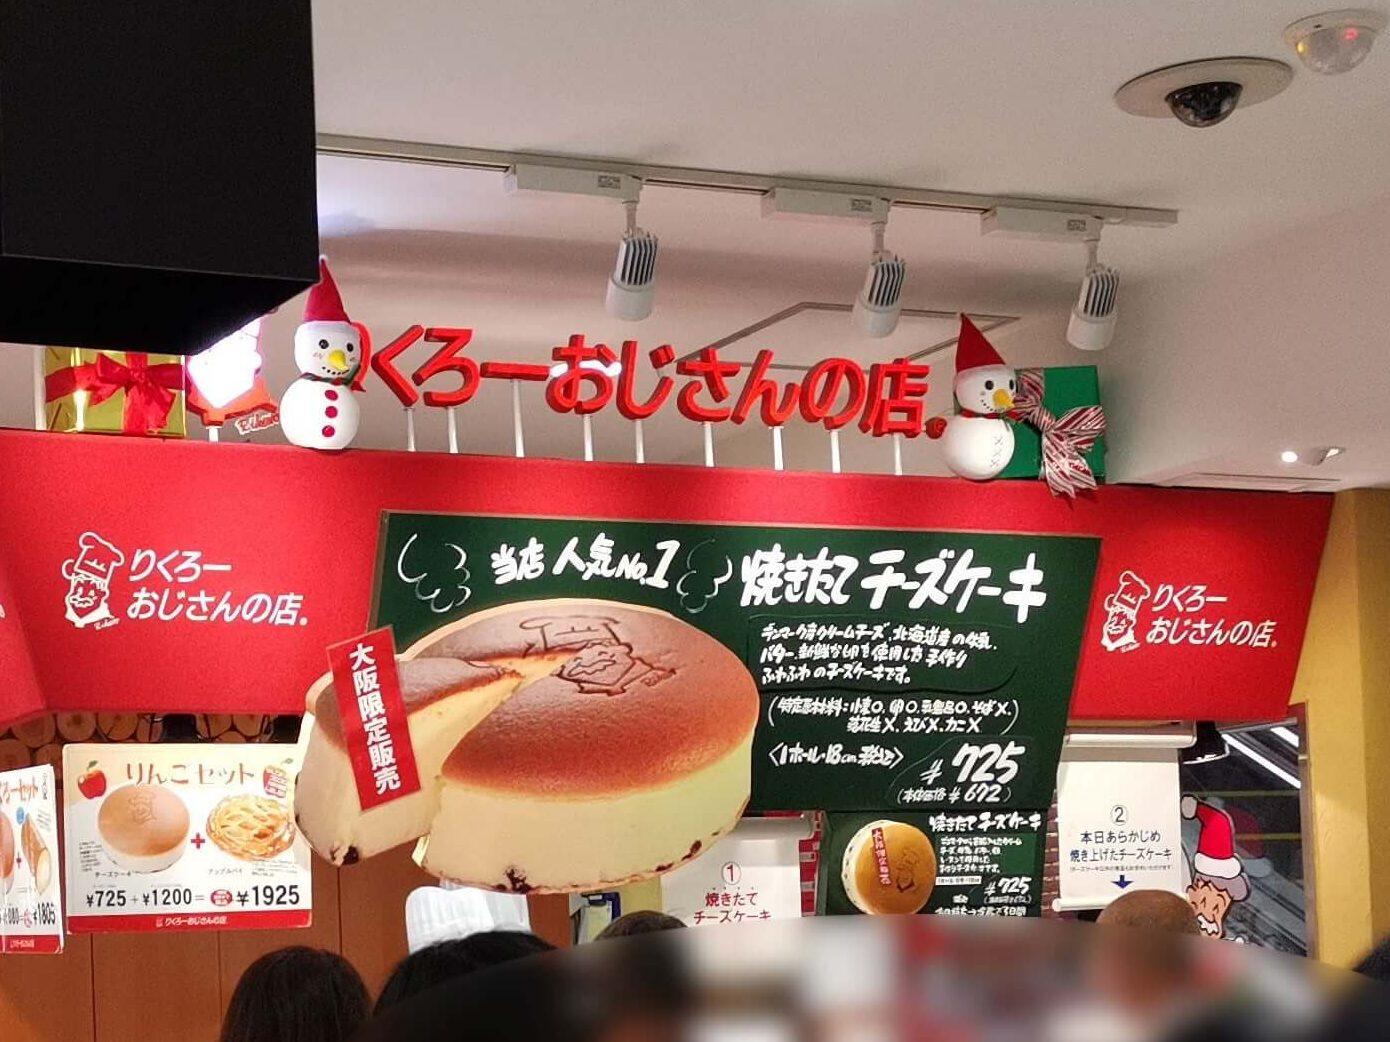 りくろーおじさん 大丸梅田店